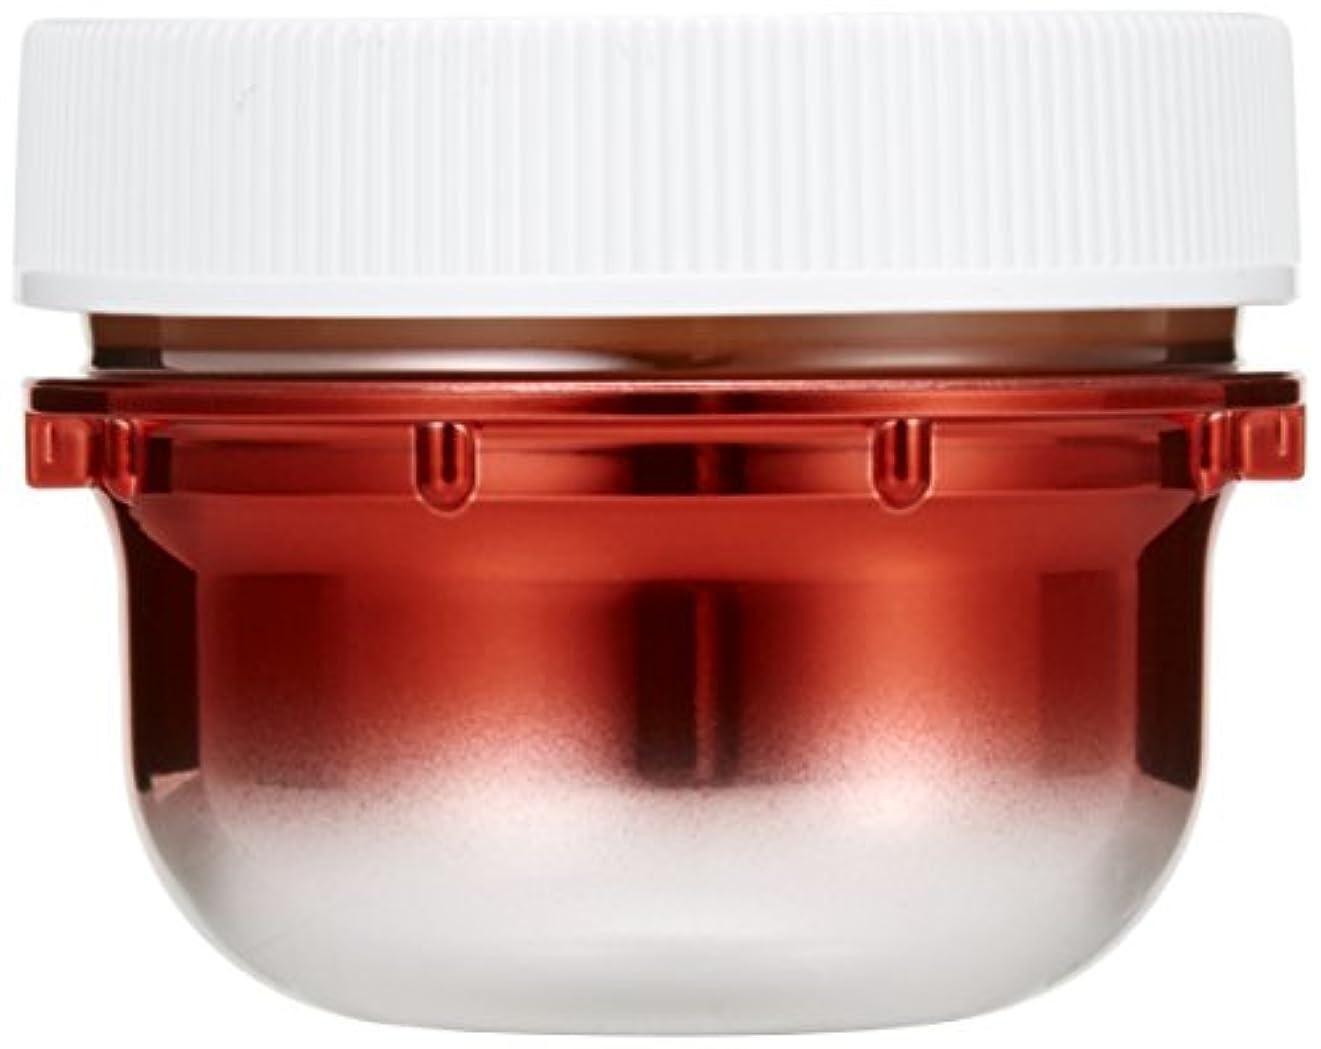 不良品いいね値するアスタリフト ホワイト クリーム 30g レフィル 【医薬部外品】